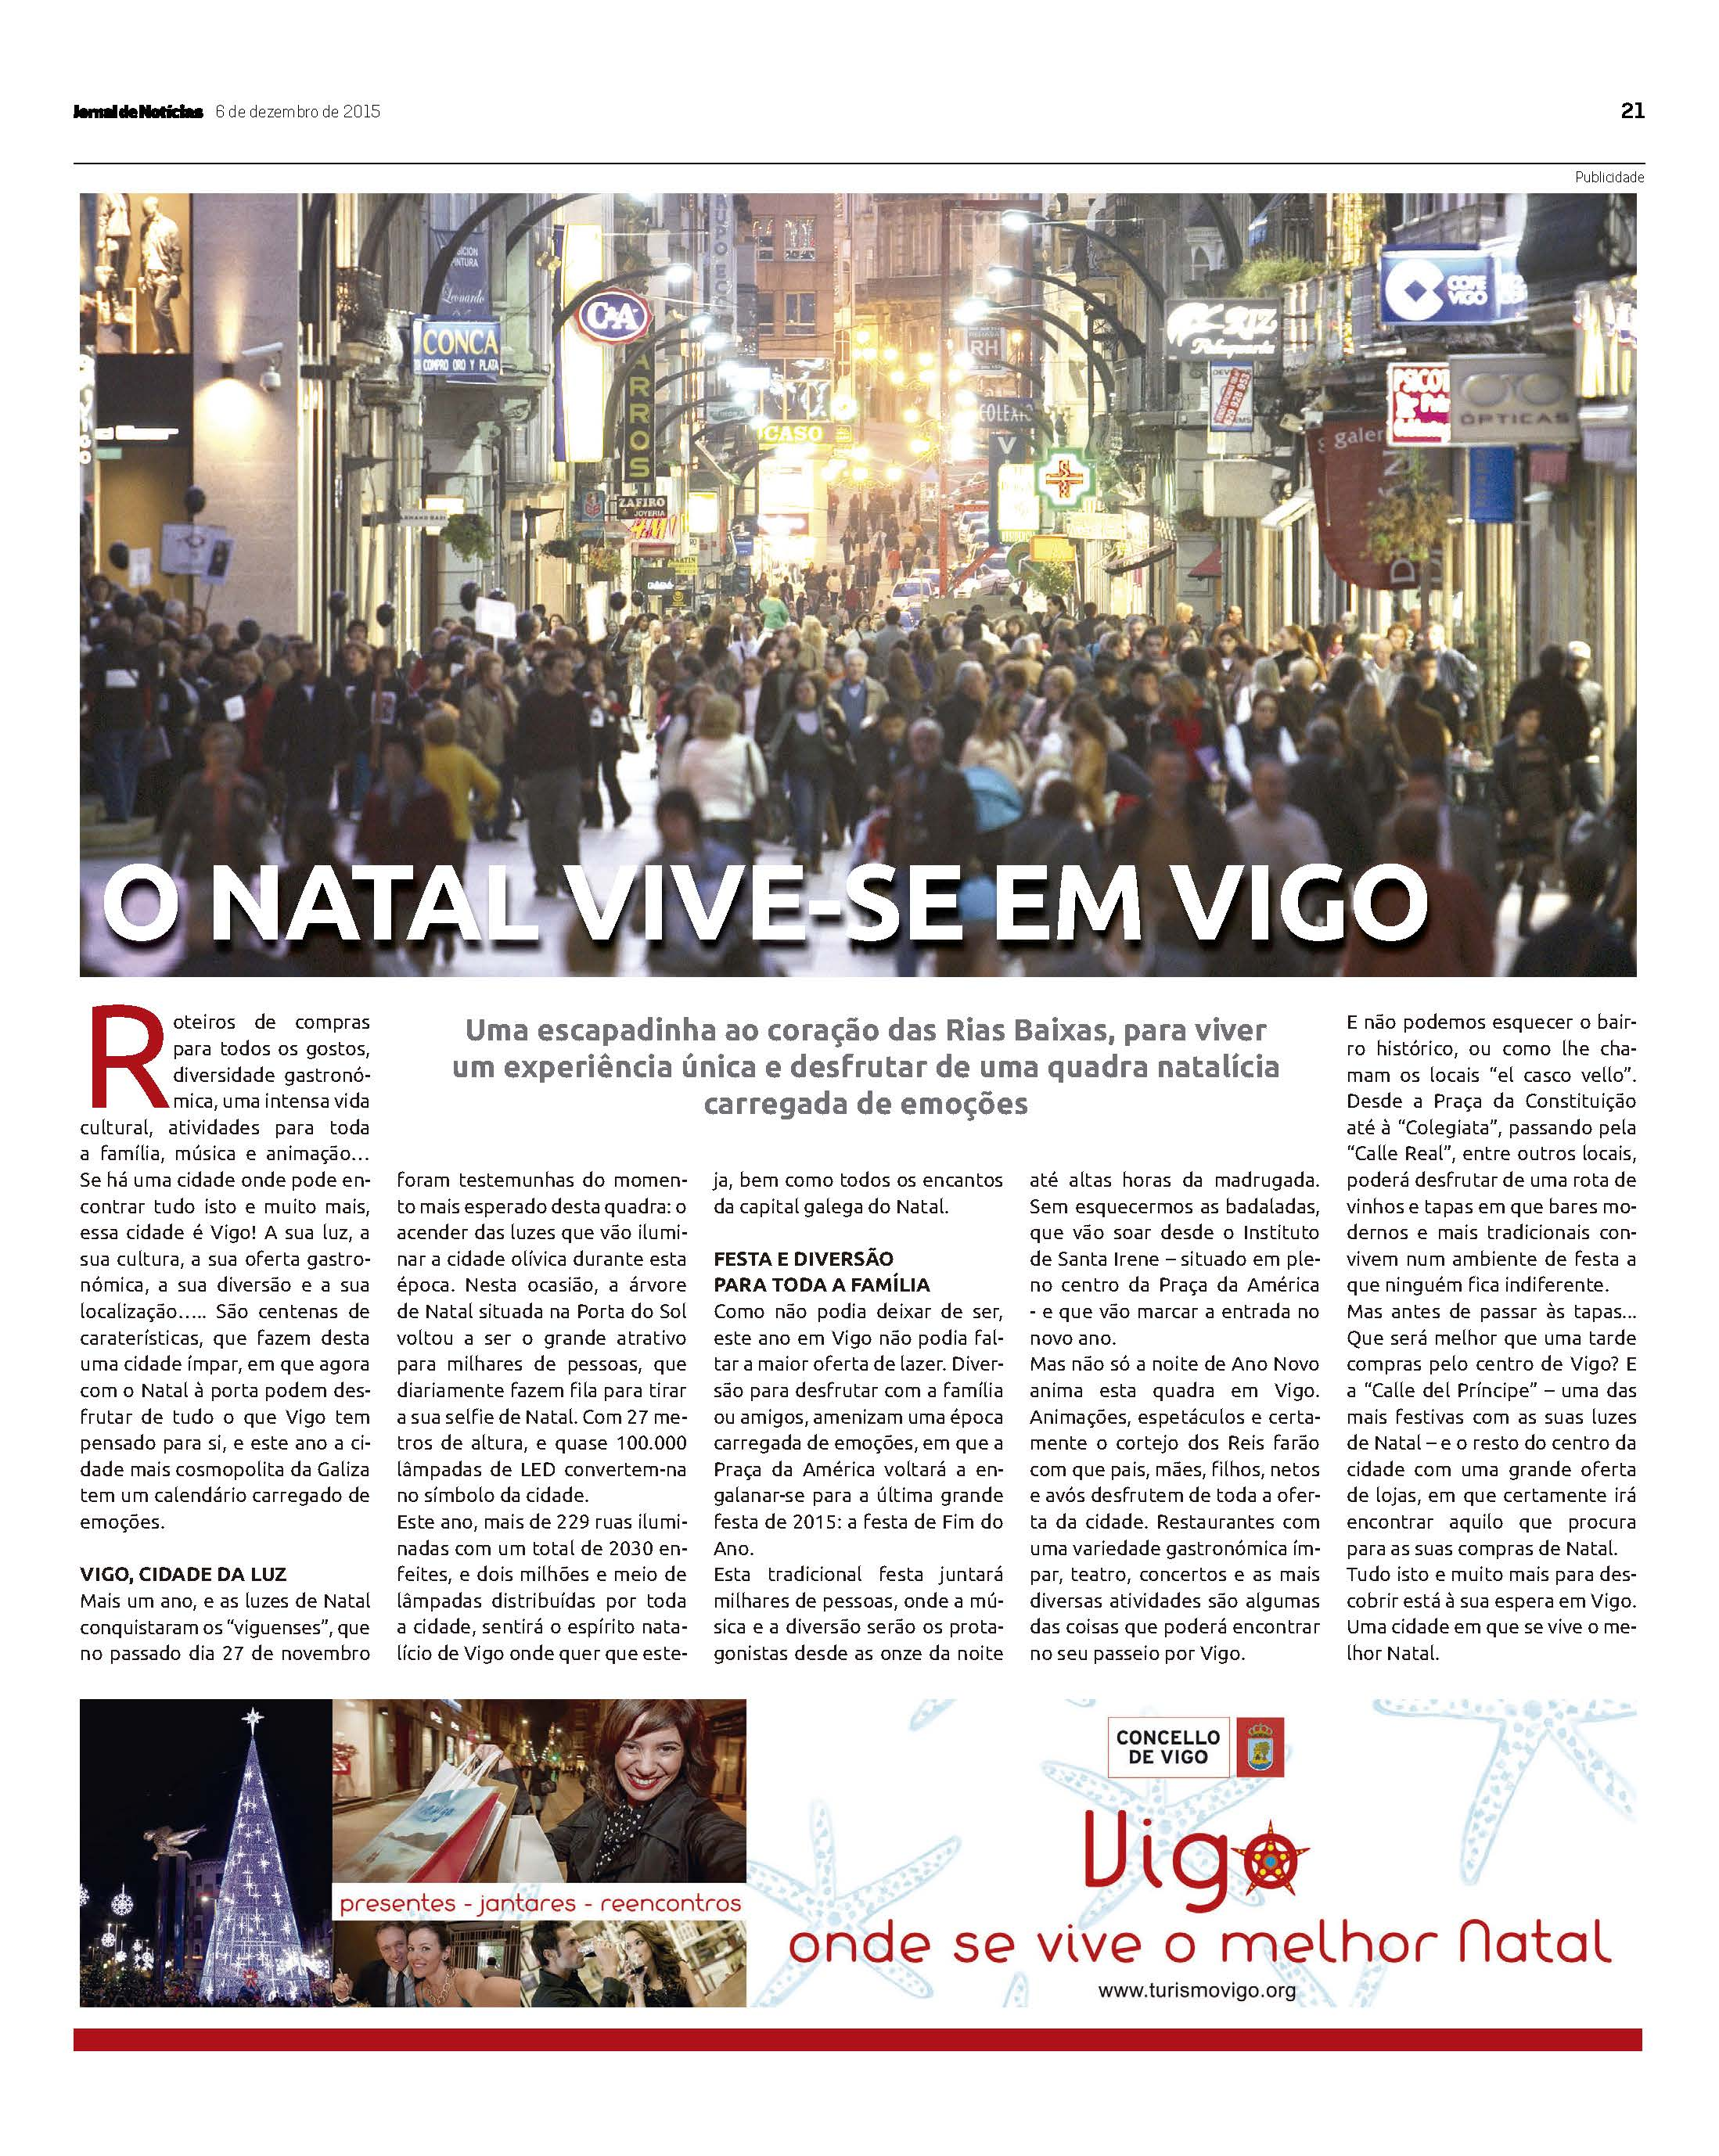 Campaña Nadal 2015 - Jornal de Noticias